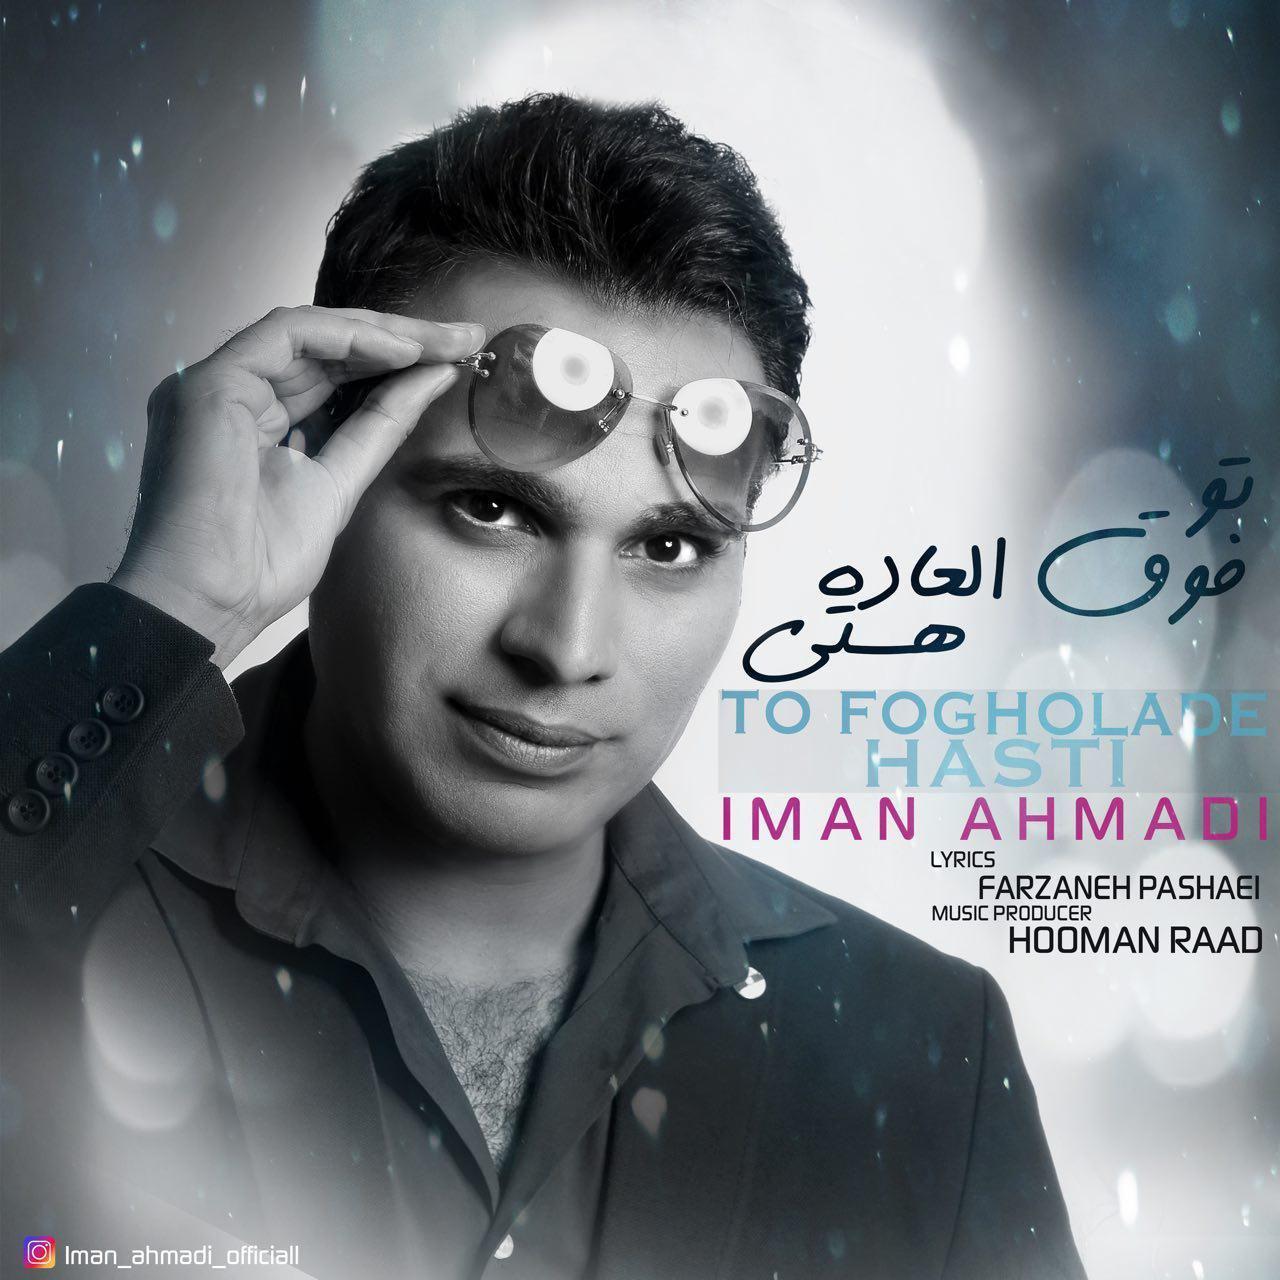 Iman Ahmadi – To Fogholade Hasti